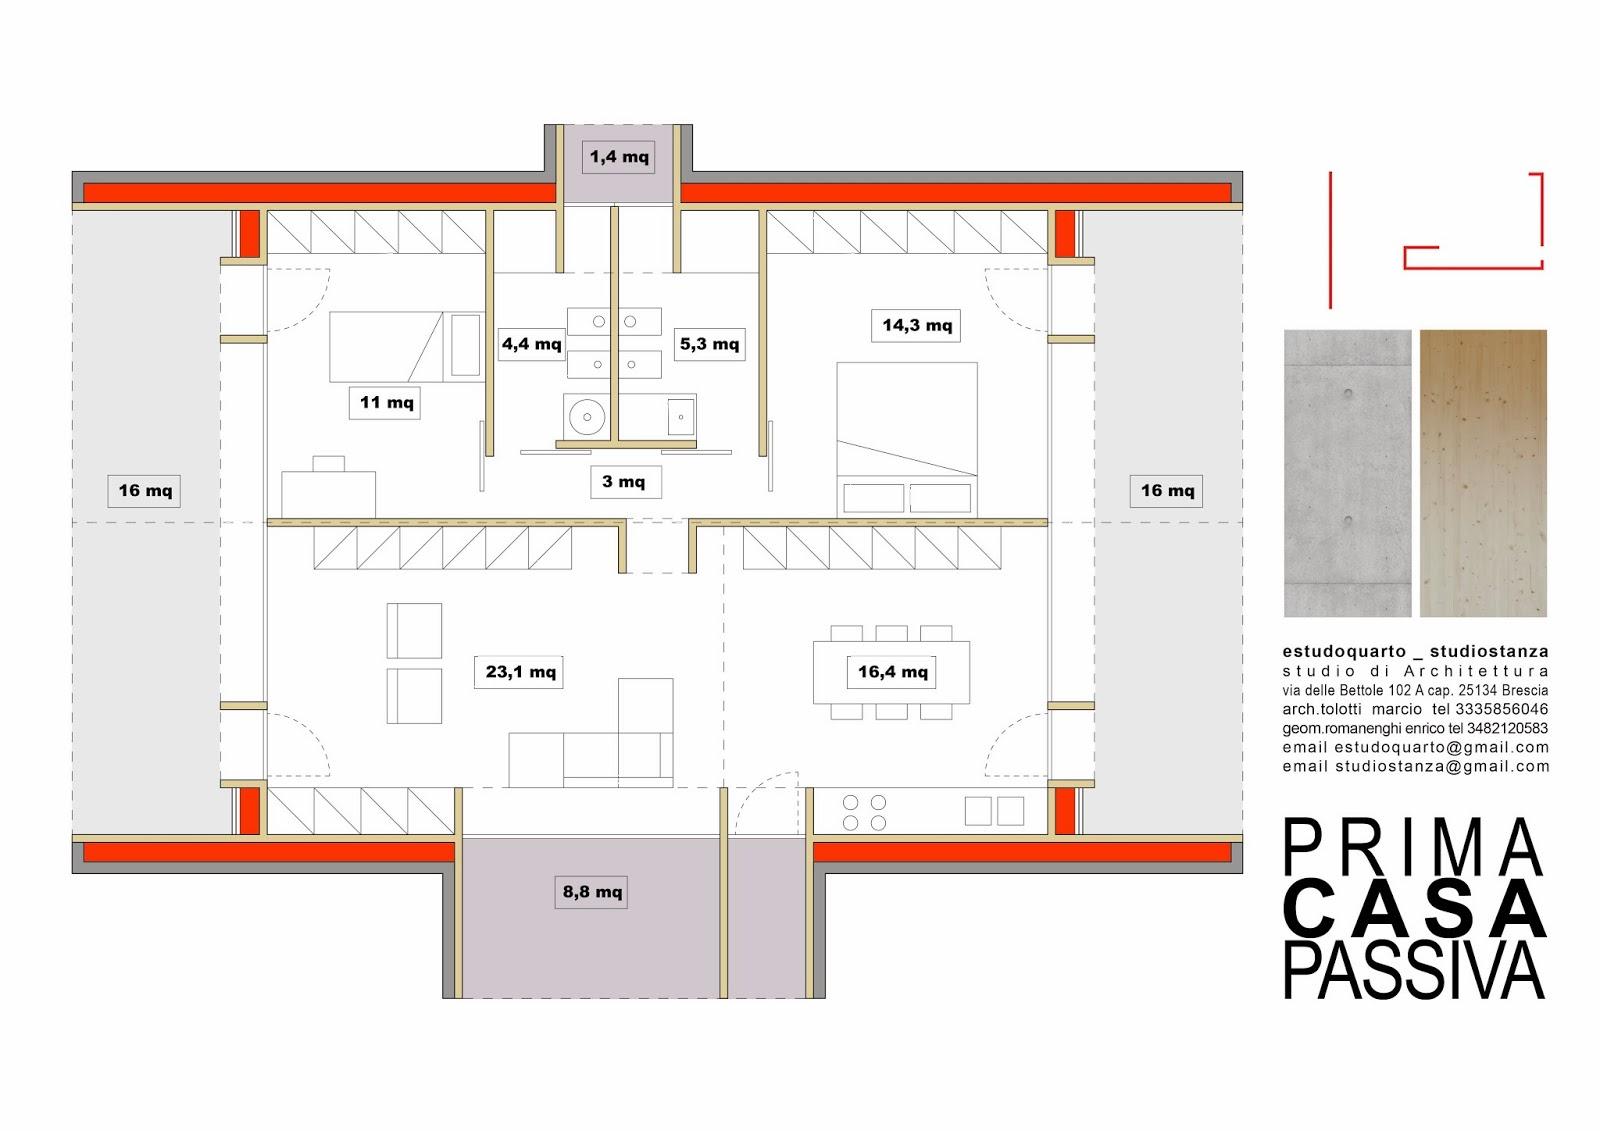 Prima casa passiva studio di architettura a verona case - Costo impianto idraulico casa 150 mq ...